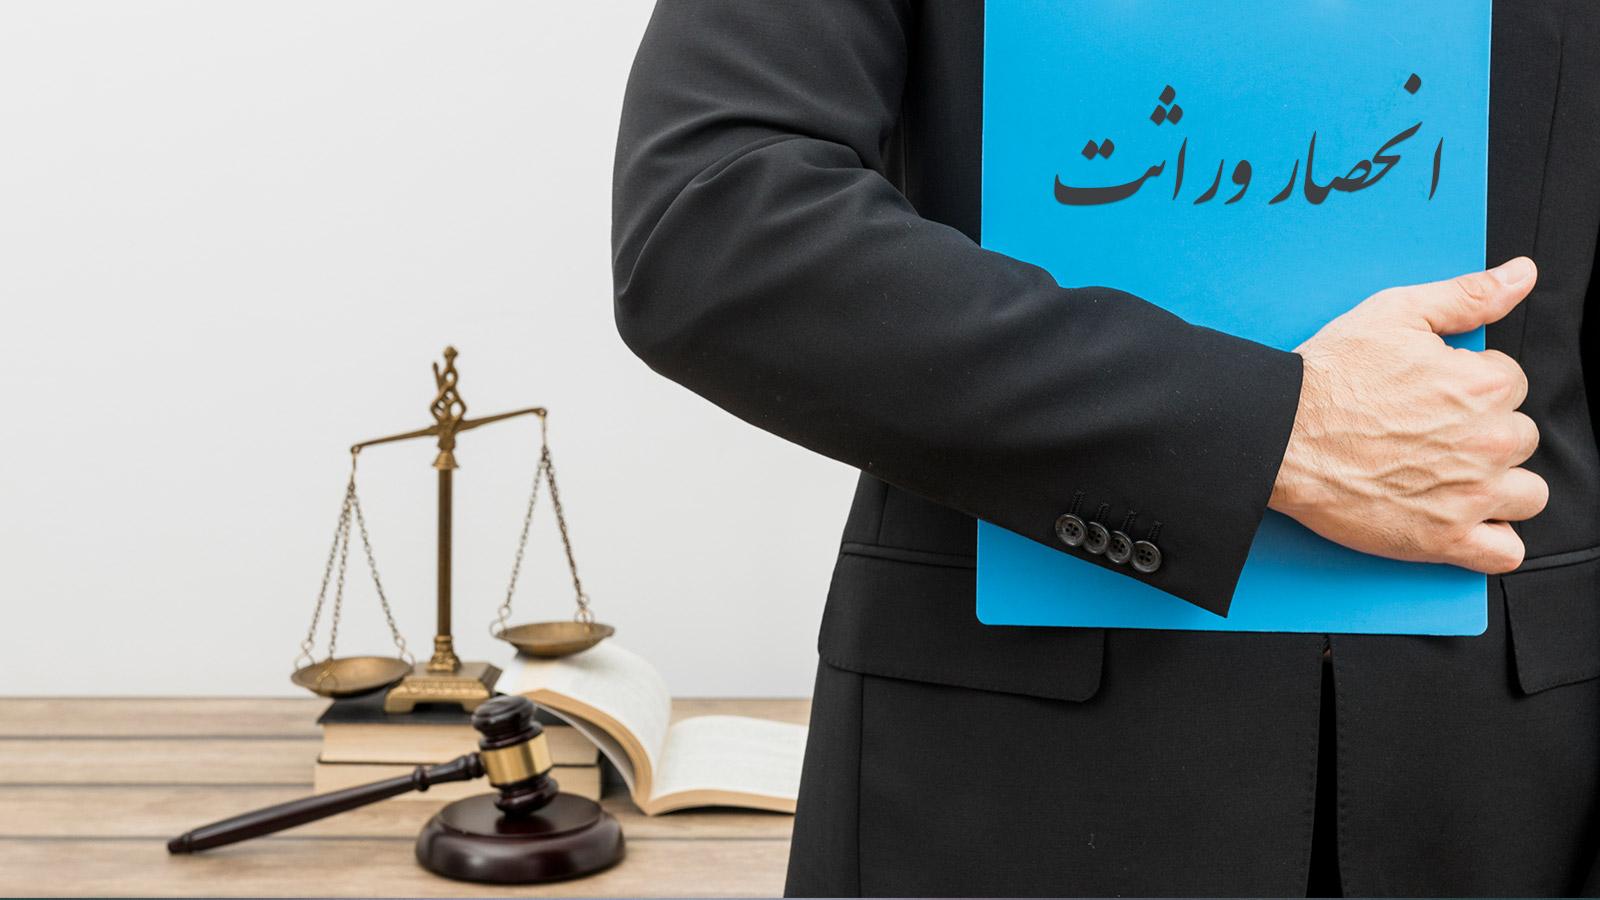 دانستنیهای حقوقی؛شنبه/// همه آنچه که باید درباره ارثیه بدانید/ از چگونگی رسیدن ارث به همسر تا تعیین حق ارث انسان دو سر